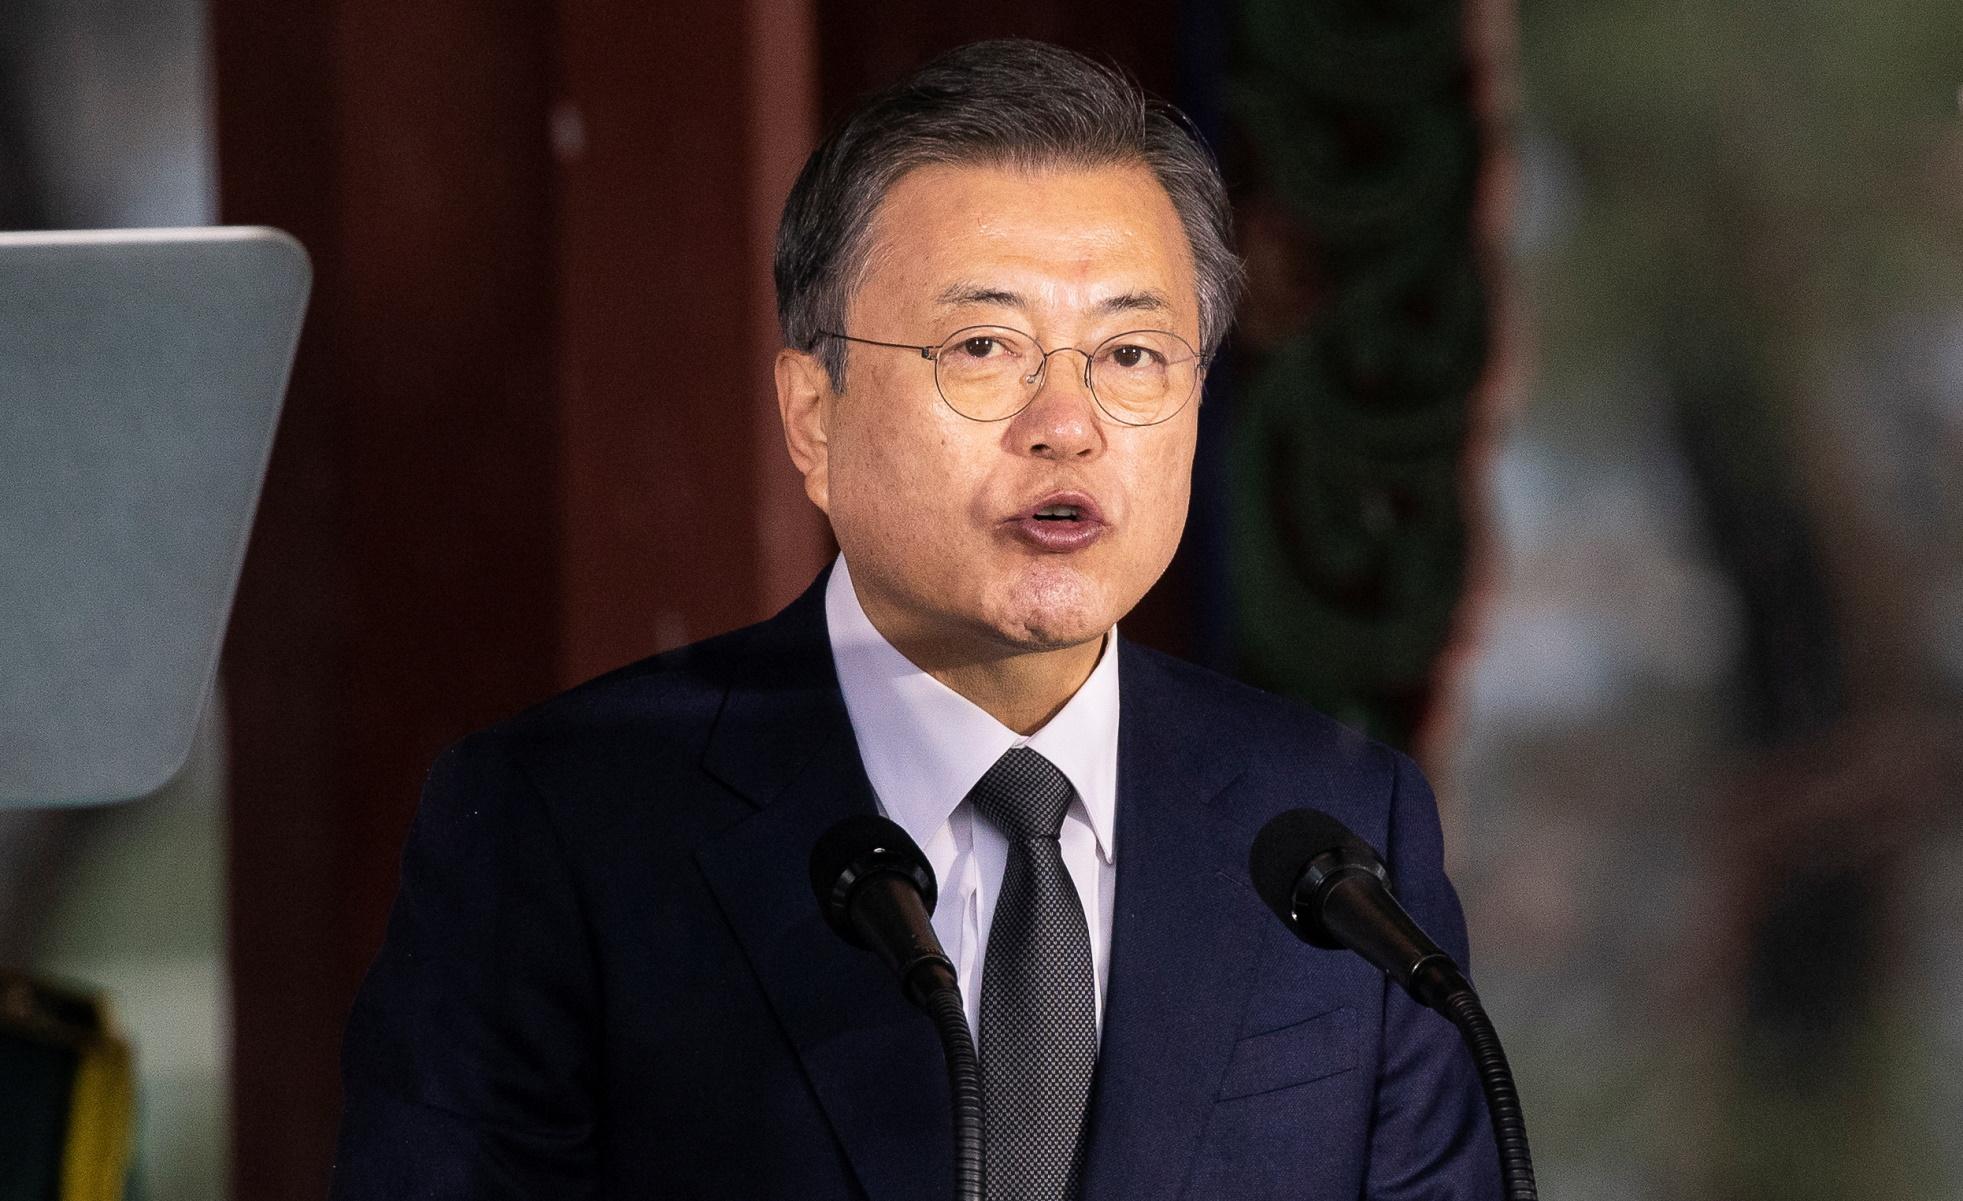 Νότια Κορέα: Ο Πρόεδρος απέλυσε το «δεξί του χέρι» επειδή αύξησε το ενοίκιο σε διαμέρισμά του